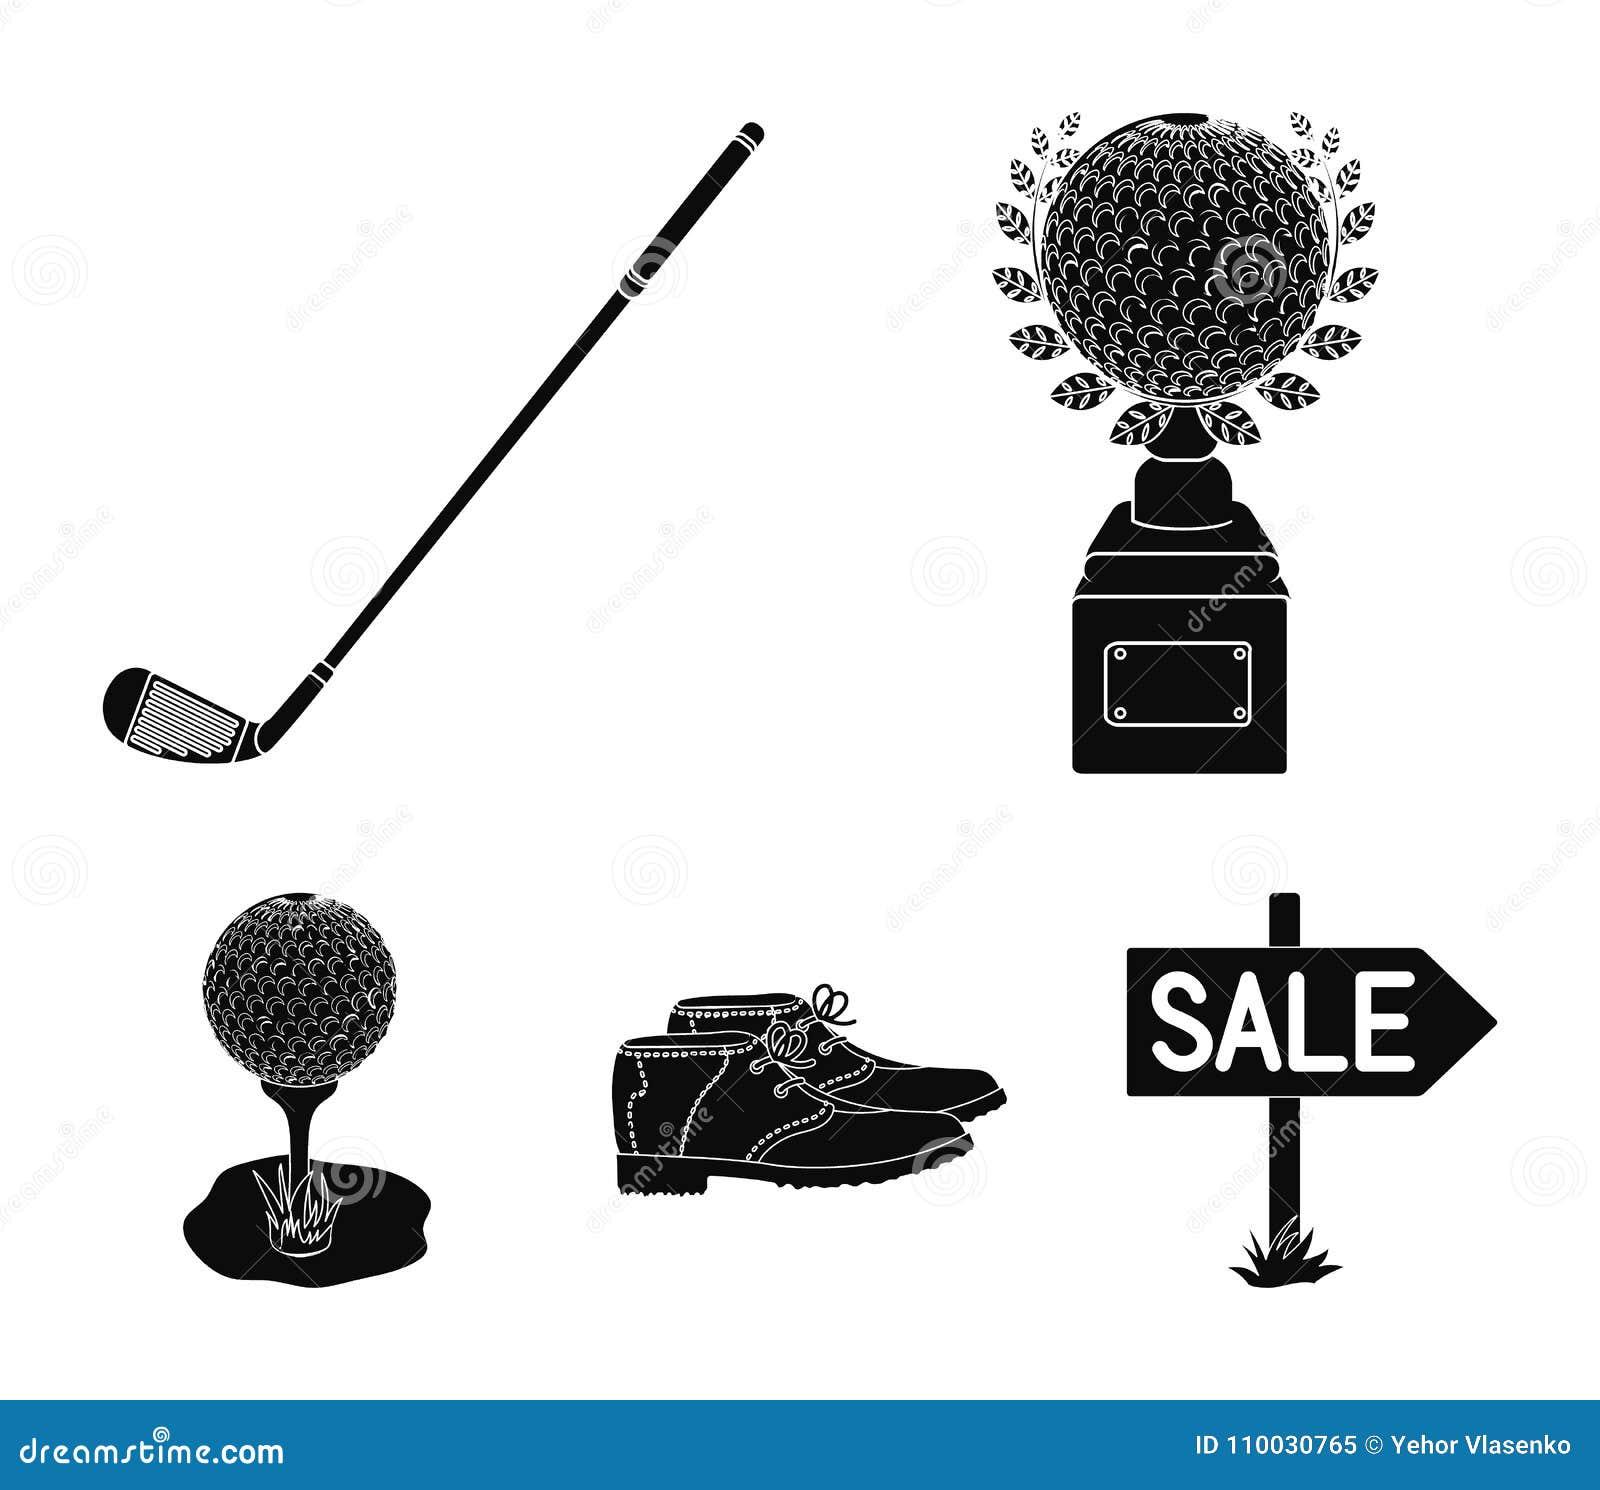 Kop, golfclub, bal op de tribune, golfspelerschoenen Pictogrammen van de golfclub de vastgestelde inzameling in de zwarte voorraa